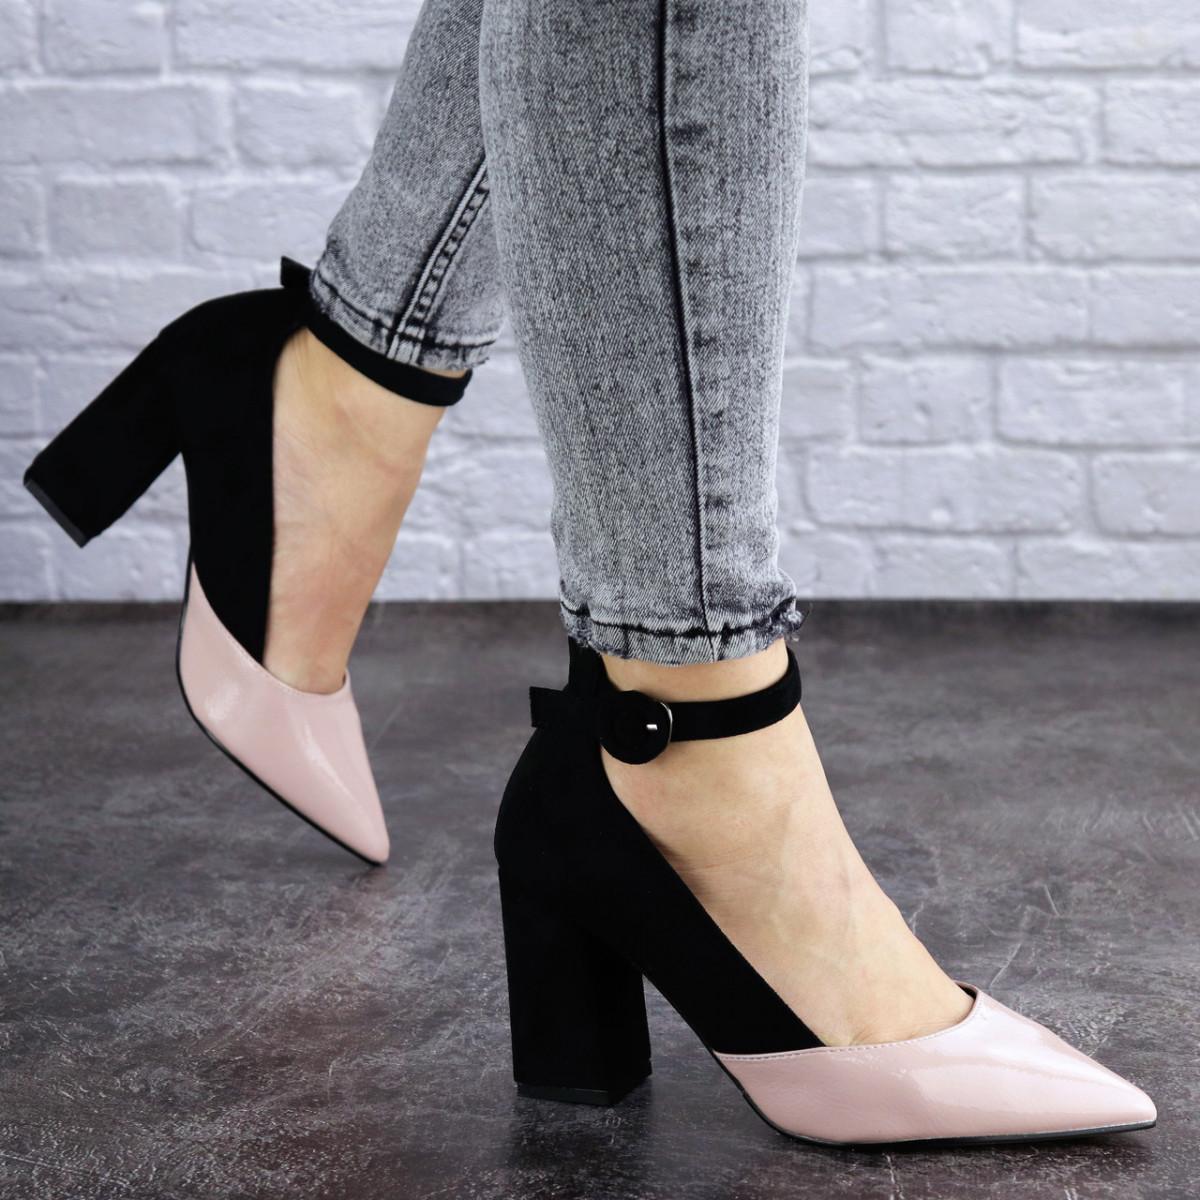 Женские туфли на каблуке розовые с черным Tex 2029 (38 размер)